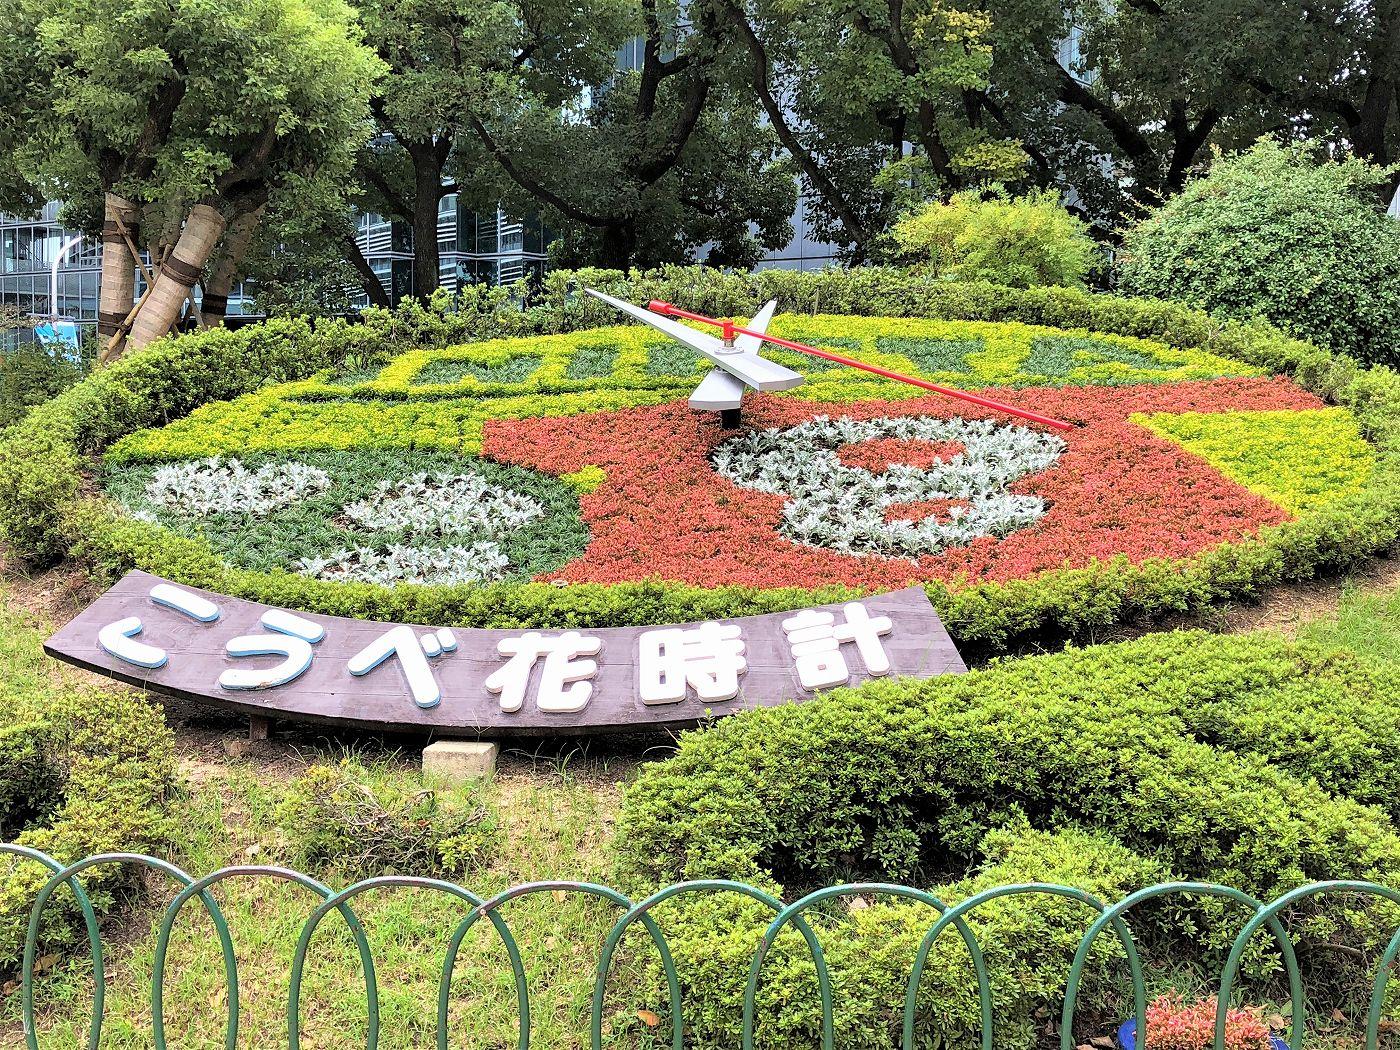 神戸市役所隣の「こうべ花時計」がイニエスタ選手を歓迎!本庁舎2・3号館の建替えで11月以降、撤去予定の模様。 #こうべ花時計 #イニエスタ #神戸市